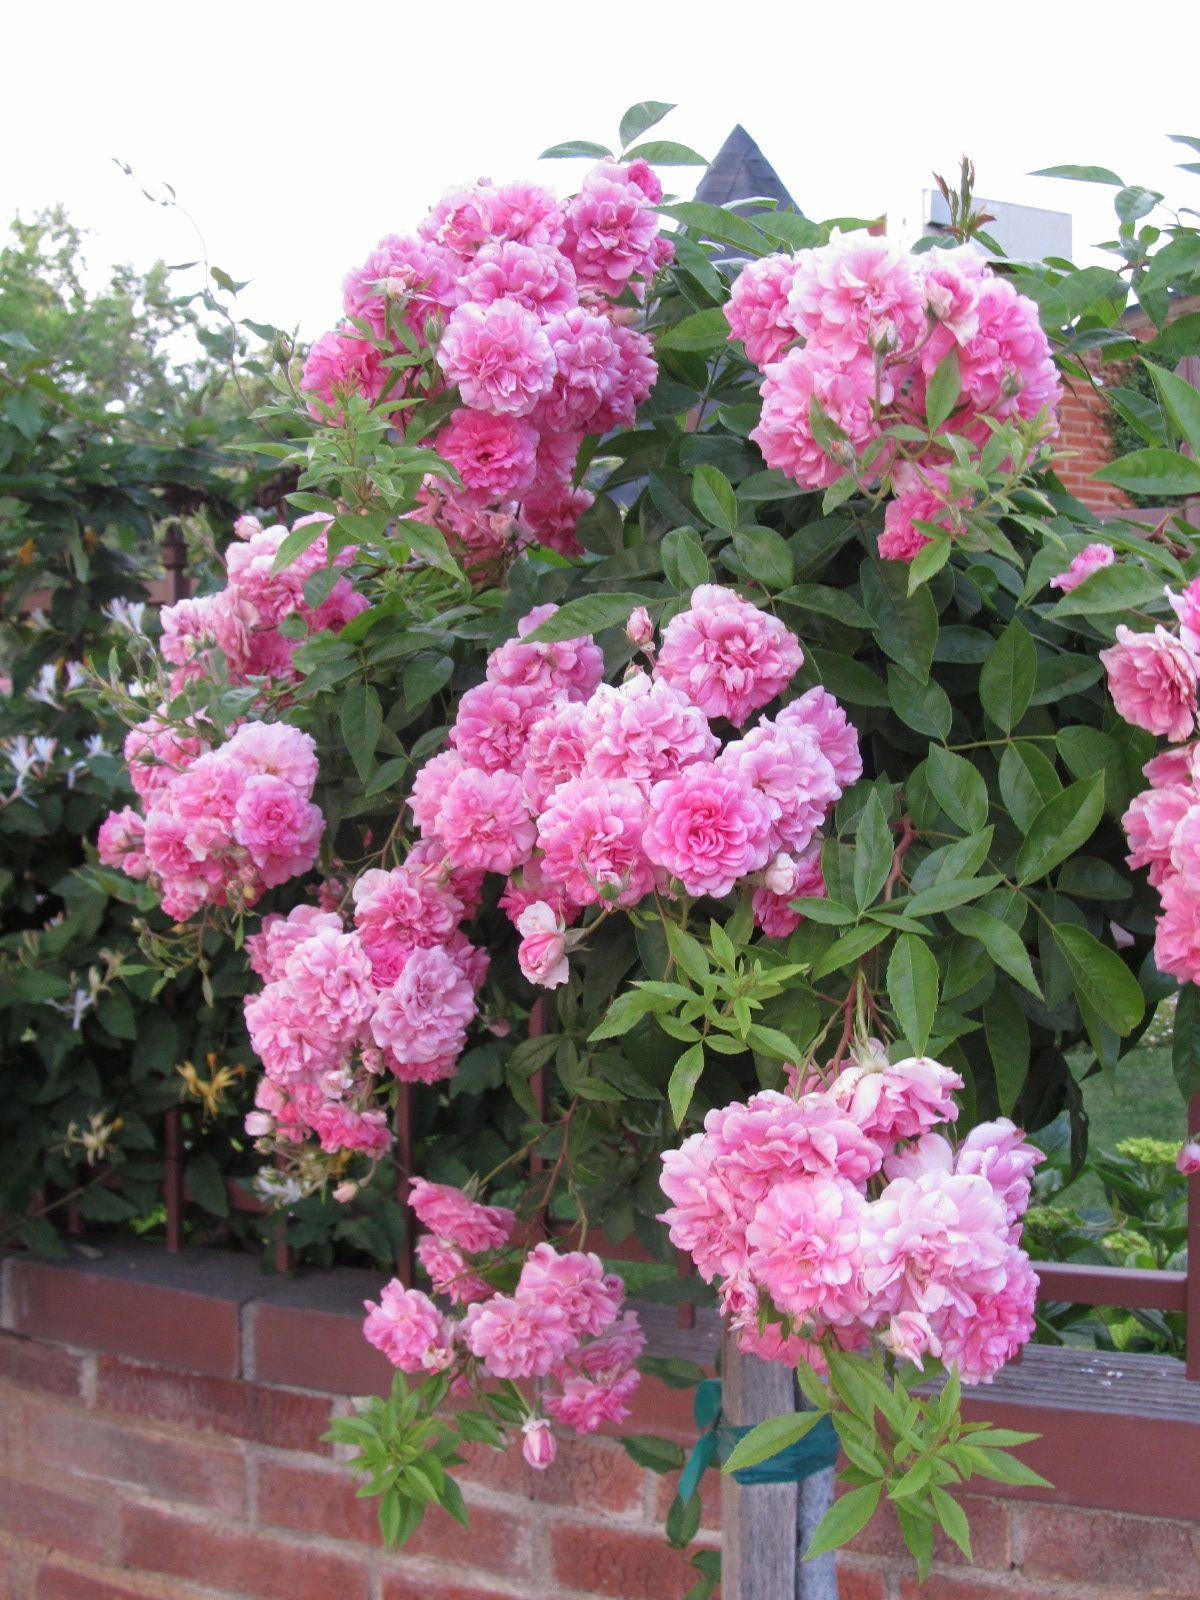 Einfache tipps zum zurückschneiden einer weinenden china doll tree rose china einer einfache tipps weinenden zuruckschneiden